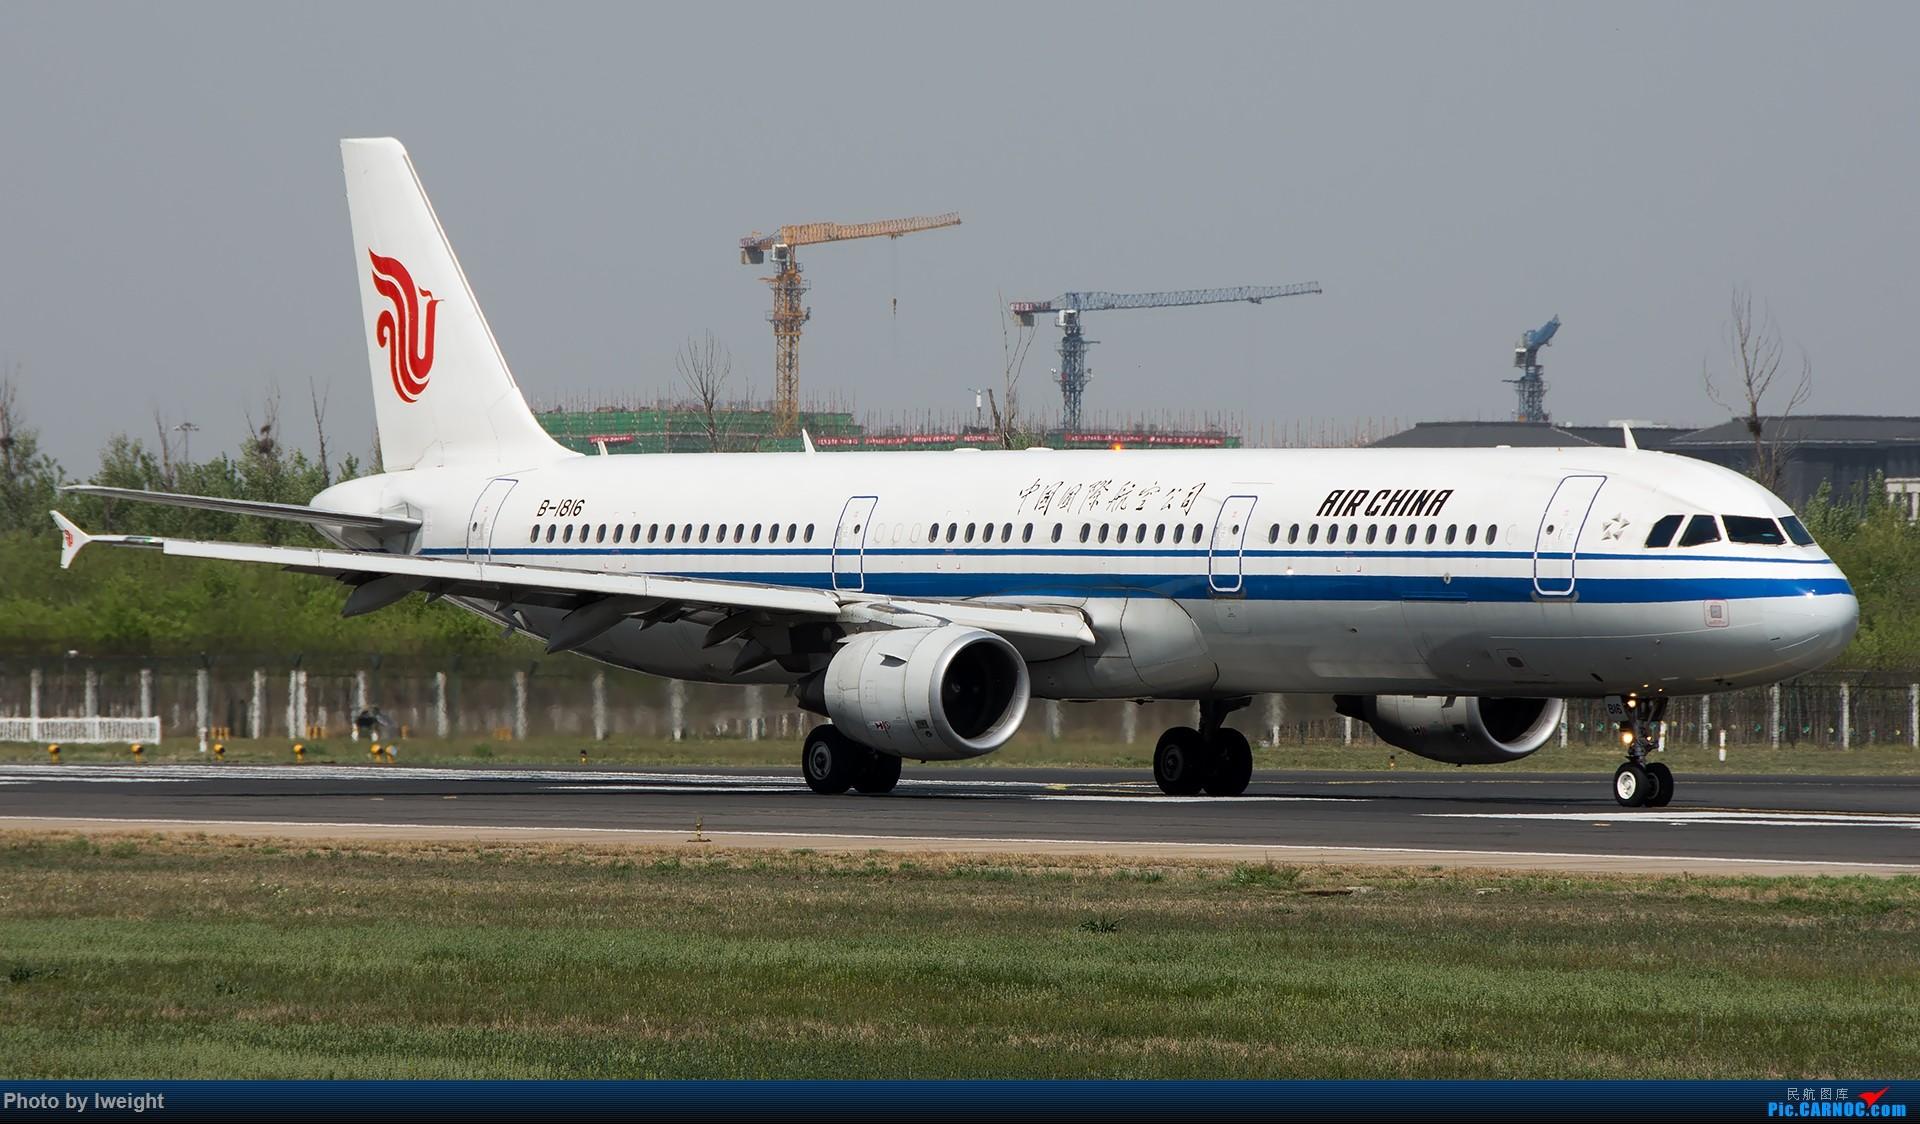 Re:[原创]天气晴朗,继续守候18R【多图】 AIRBUS A321-200 B-1816 中国北京首都国际机场